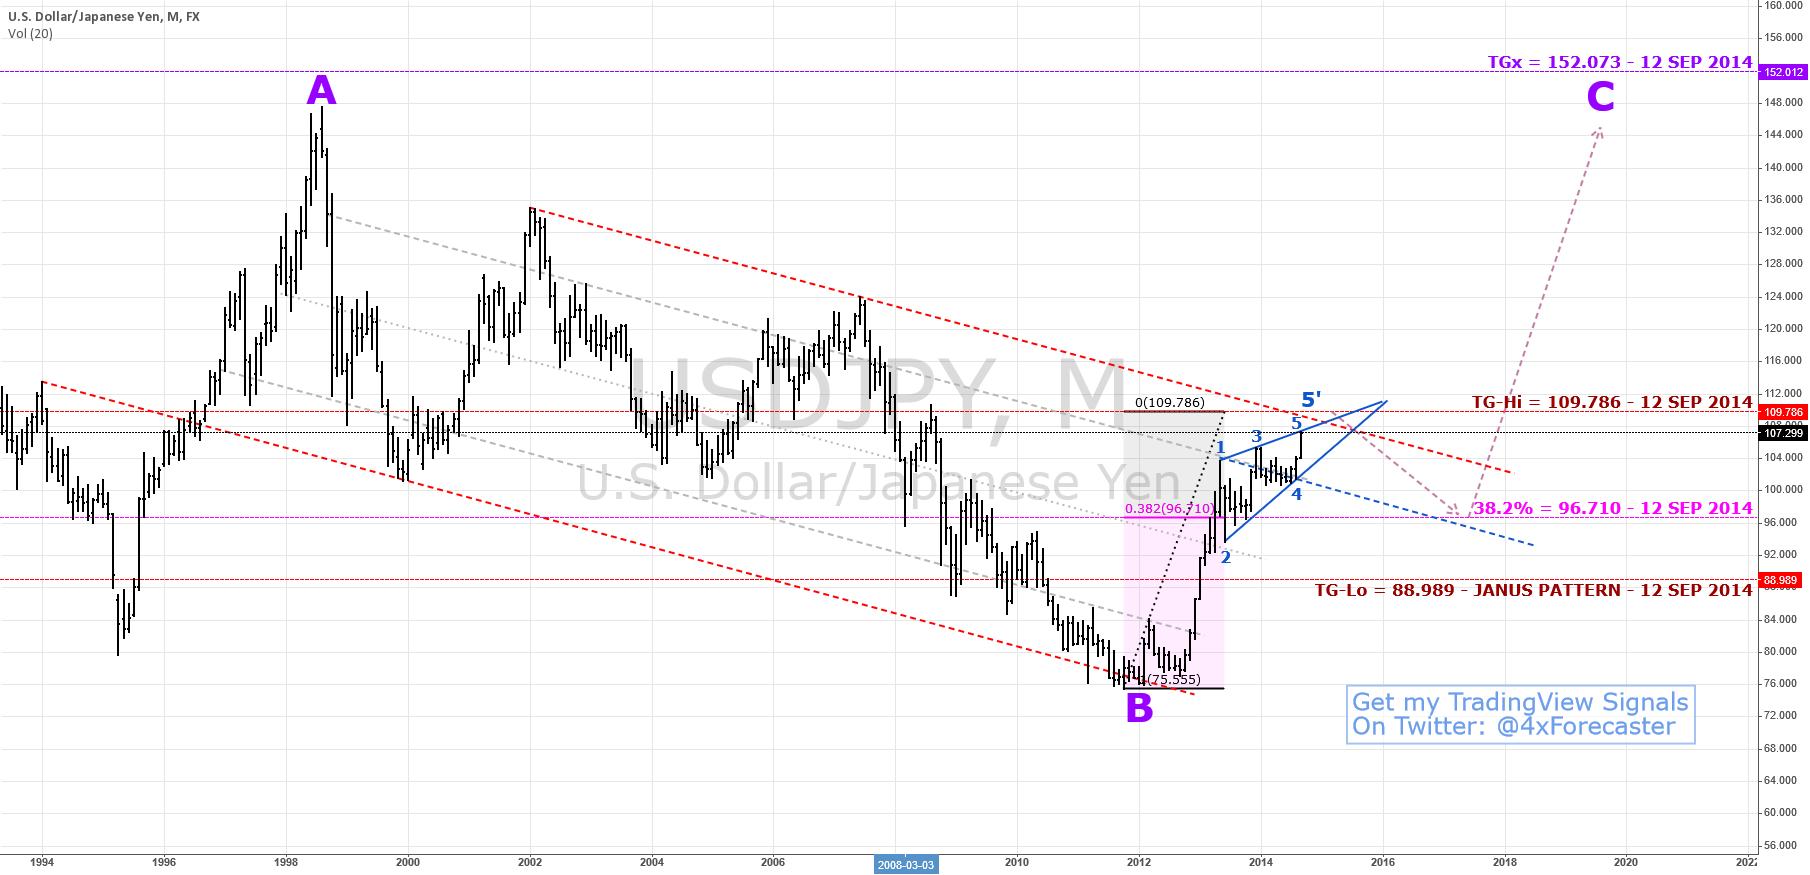 $JPY Sees Reversal @ 96.710 Before 152.073 via #elliottwave Flat